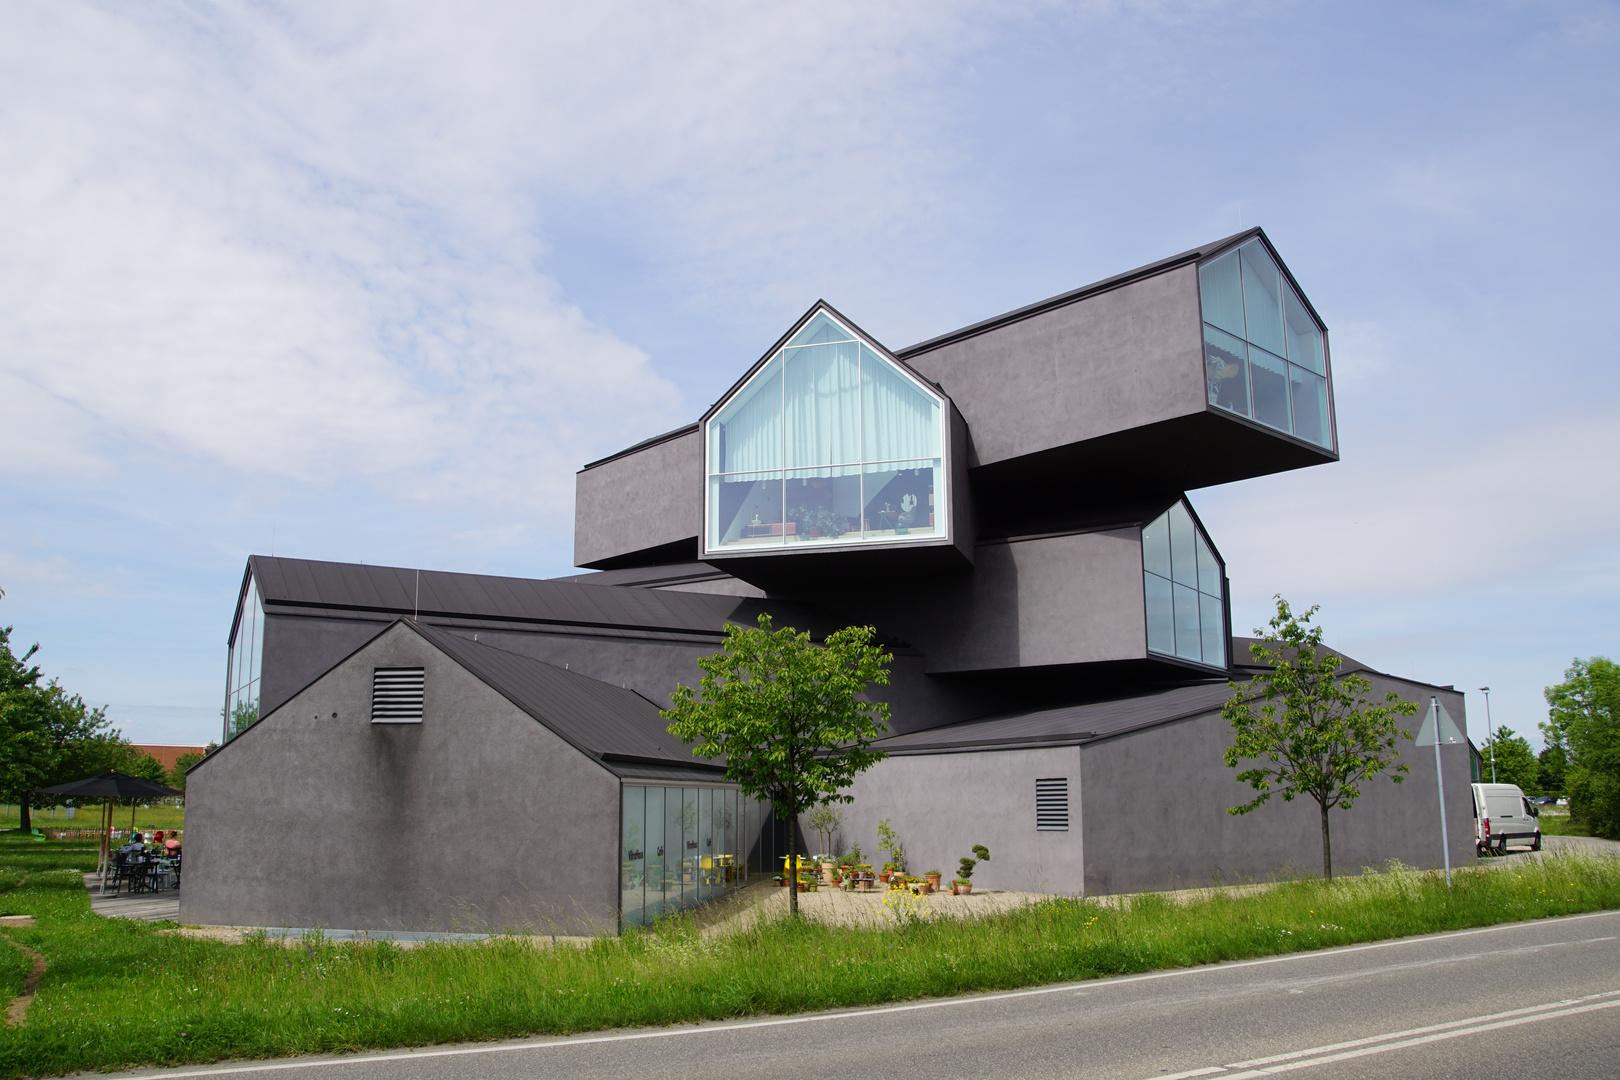 Vitra campus foto bild architektur abstraktes kritik - Architektonische meisterwerke ...